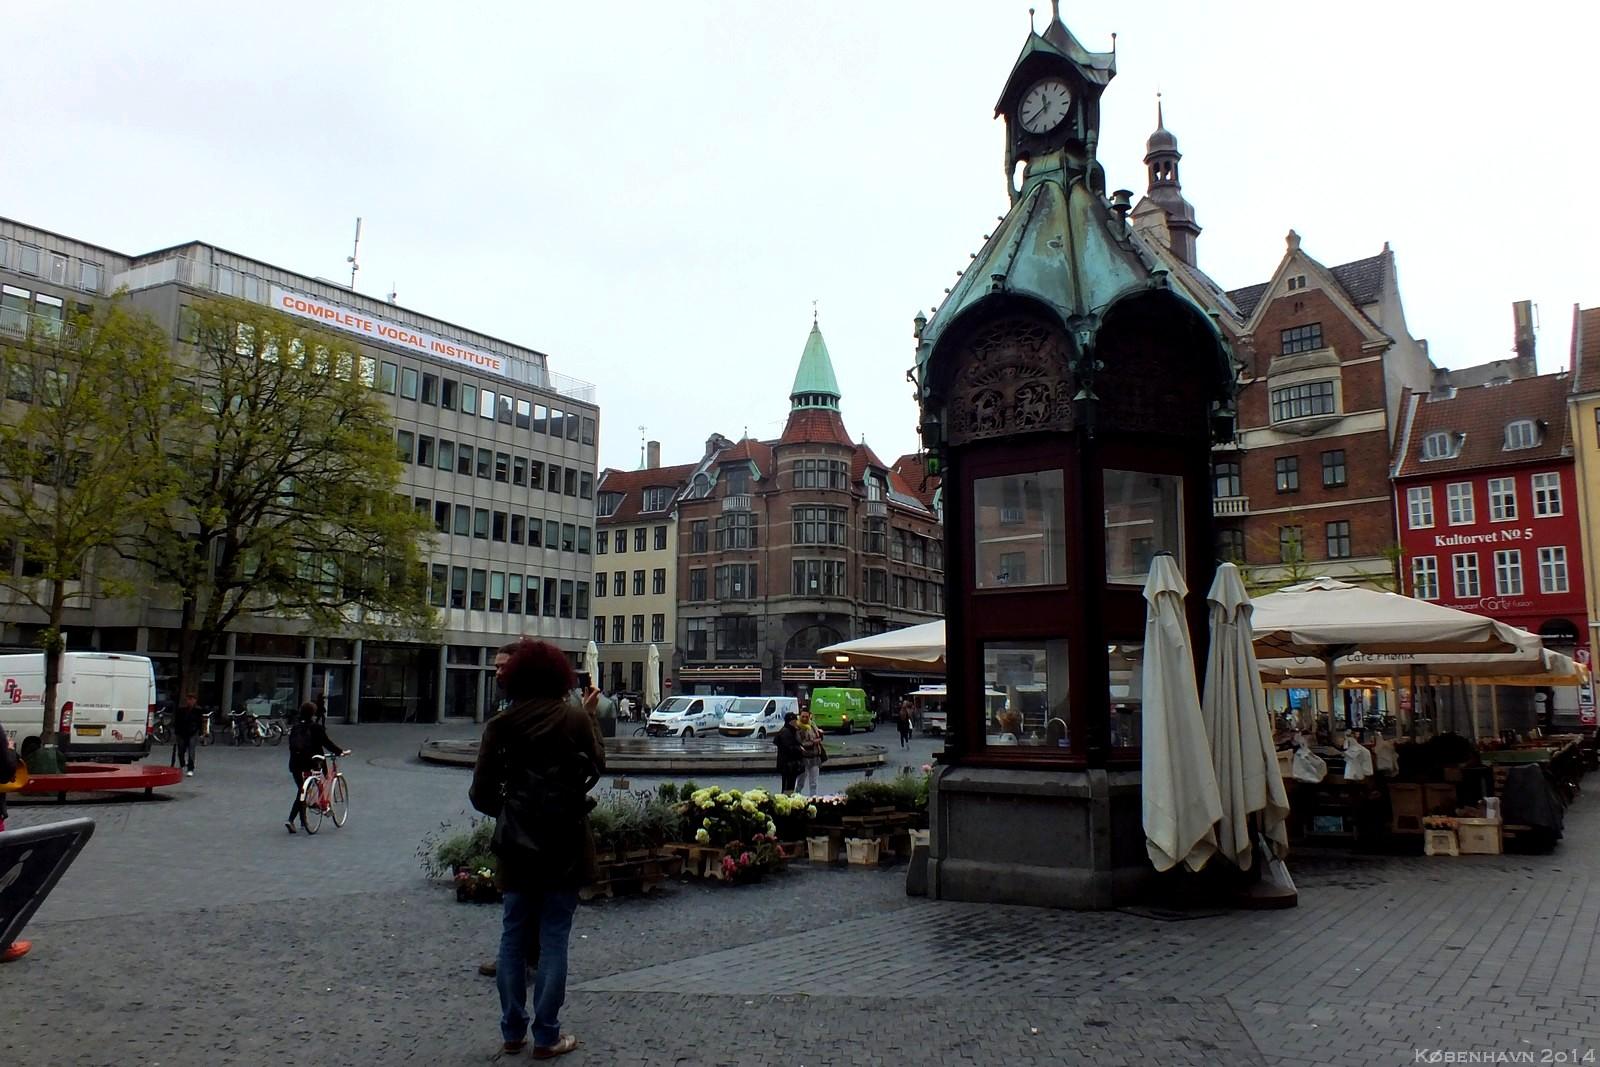 Kultorvet, København, Denmark